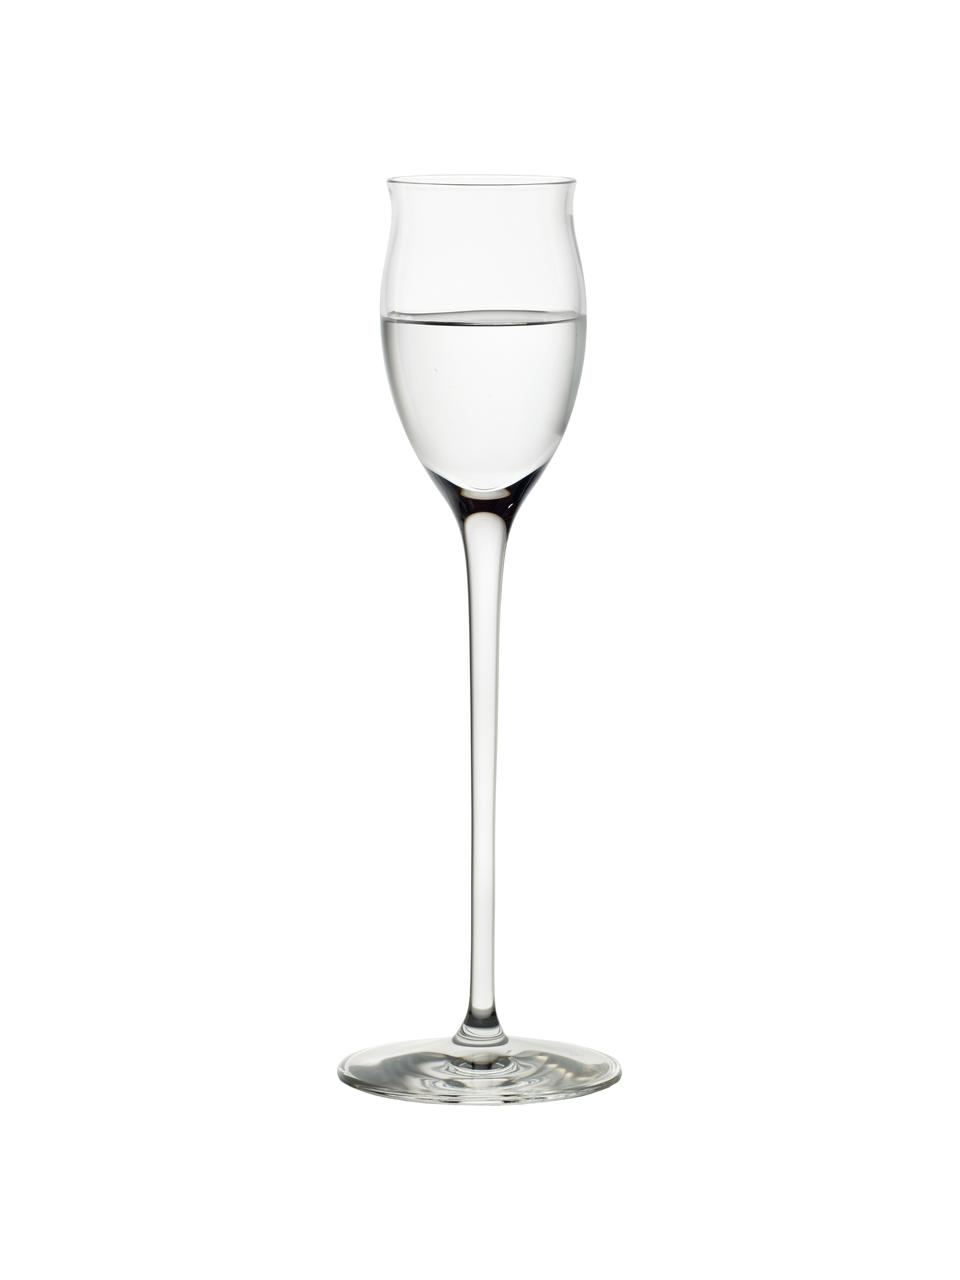 Kieliszek do likieru ze szkła kryształowego Quatrophil, 6 szt., Szkło kryształowe, Transparentny, Ø 6 x W 20 cm